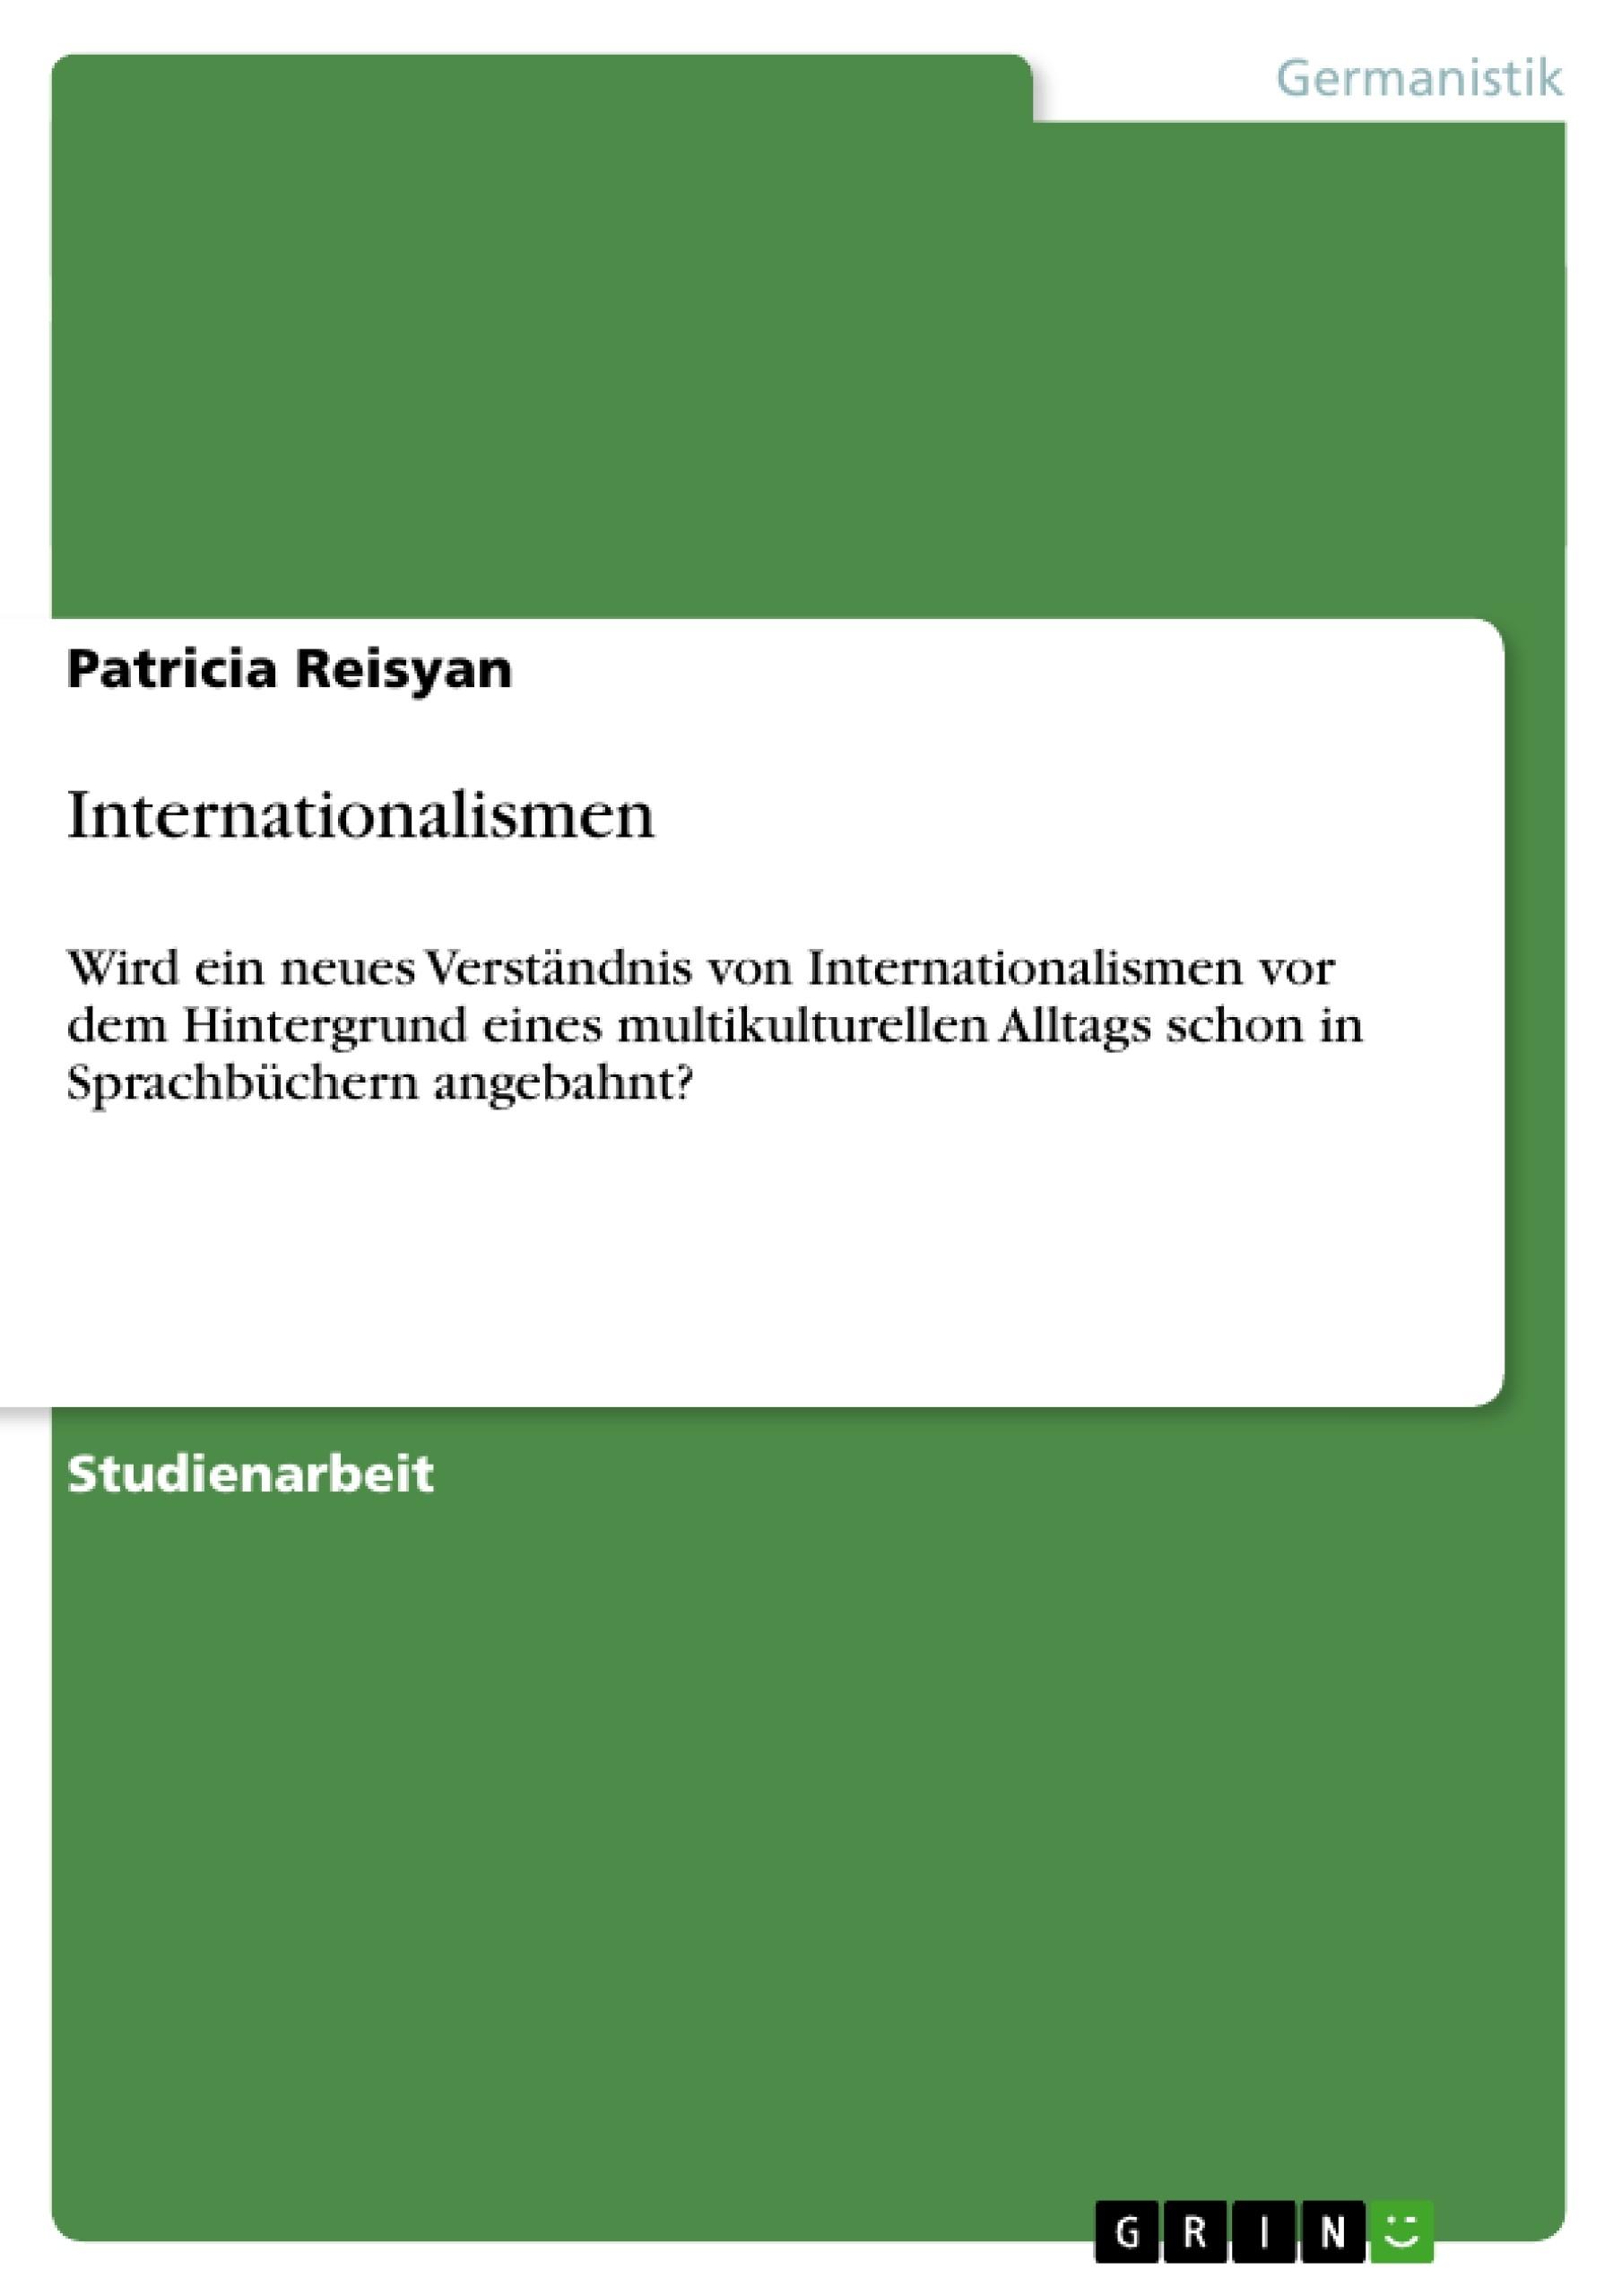 Internationalismen beispiele englisch garten